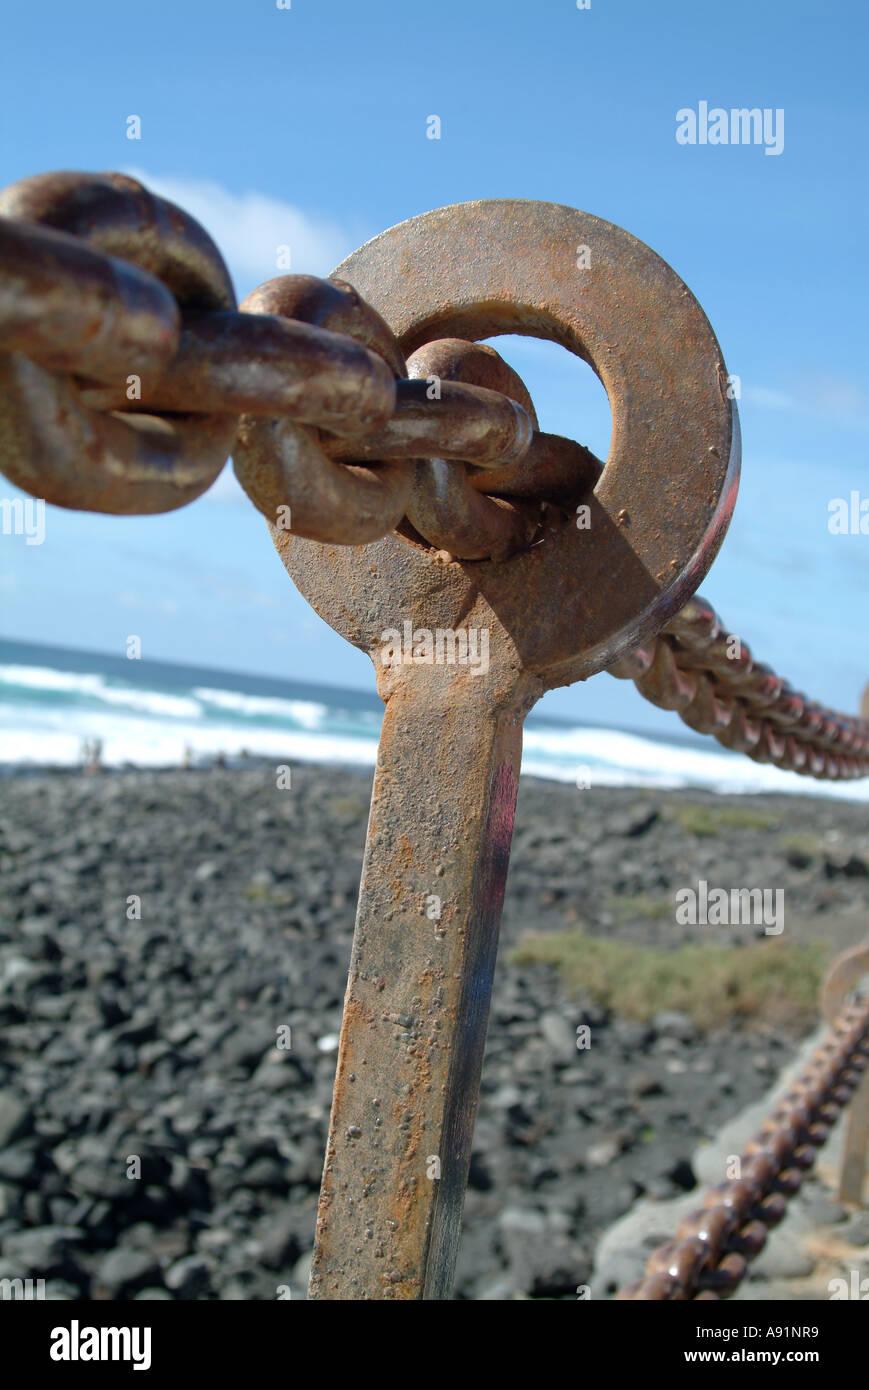 Anker Kette Ankerkette Kanarische Inseln Kanaren Stockbild